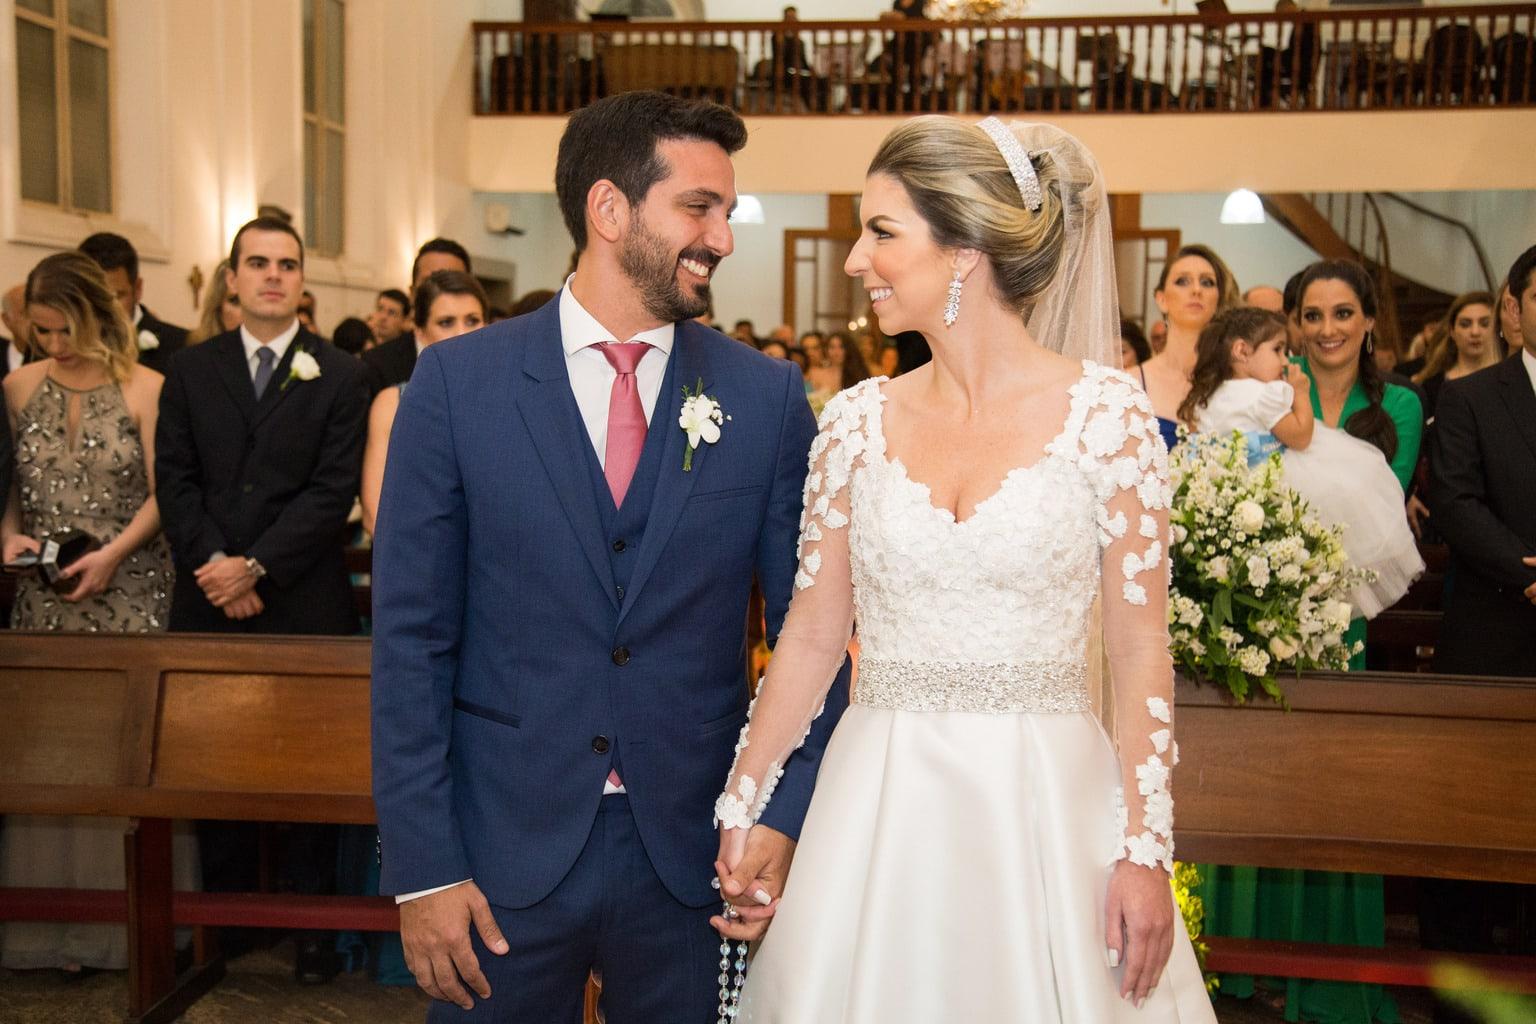 casamento-clássico-casamento-tradicional-rio-de-janeiro-niterói-Fotografia-Giovani-Garcia-casamento-Cássia-e-Daniel-6-1